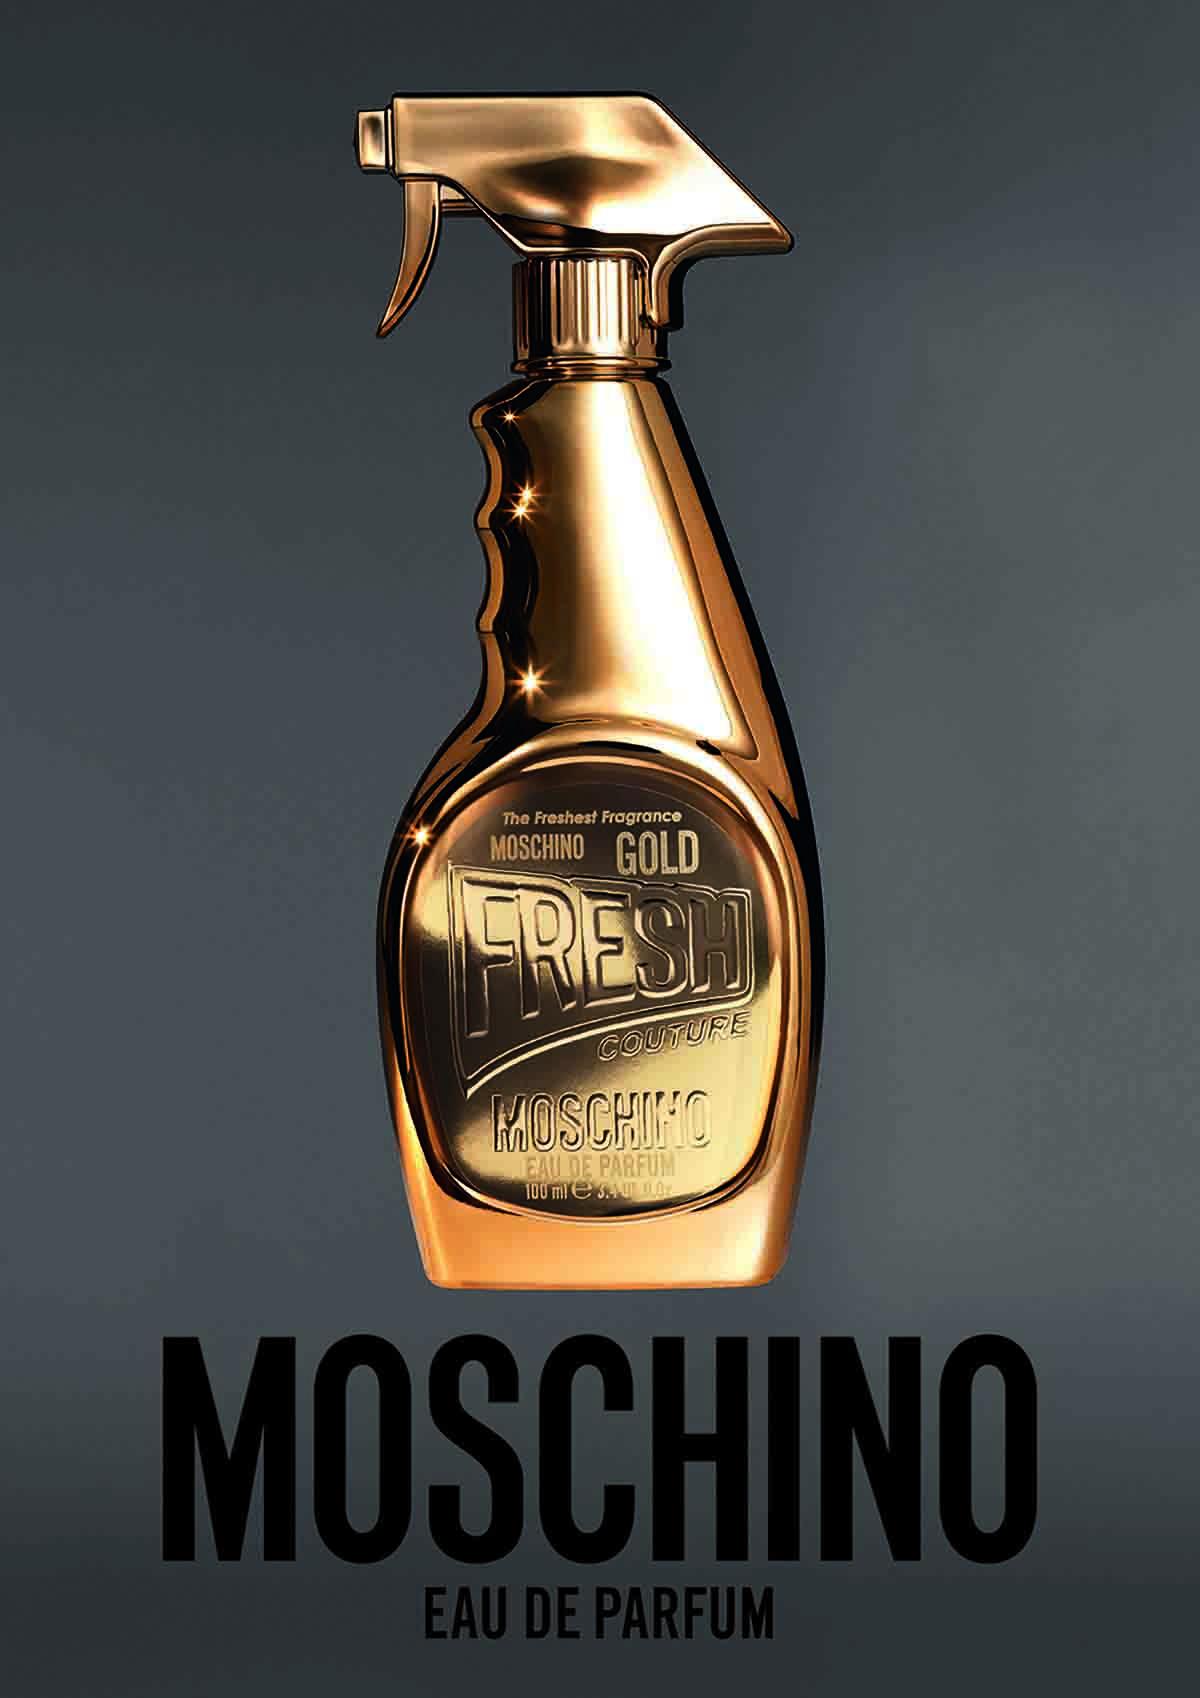 MOSCHINO, 莫斯奇諾, 亮金金女性淡香精, 宏亞香水, MOSCHINO哪裡買, MOSCHINO專櫃, 香水推薦, 香水專櫃, 莫斯奇諾哪裡買, MOSCHINO台灣, 莫斯奇諾專櫃, 宏亞香水專櫃, 宏亞香水門市, 試用, 體驗